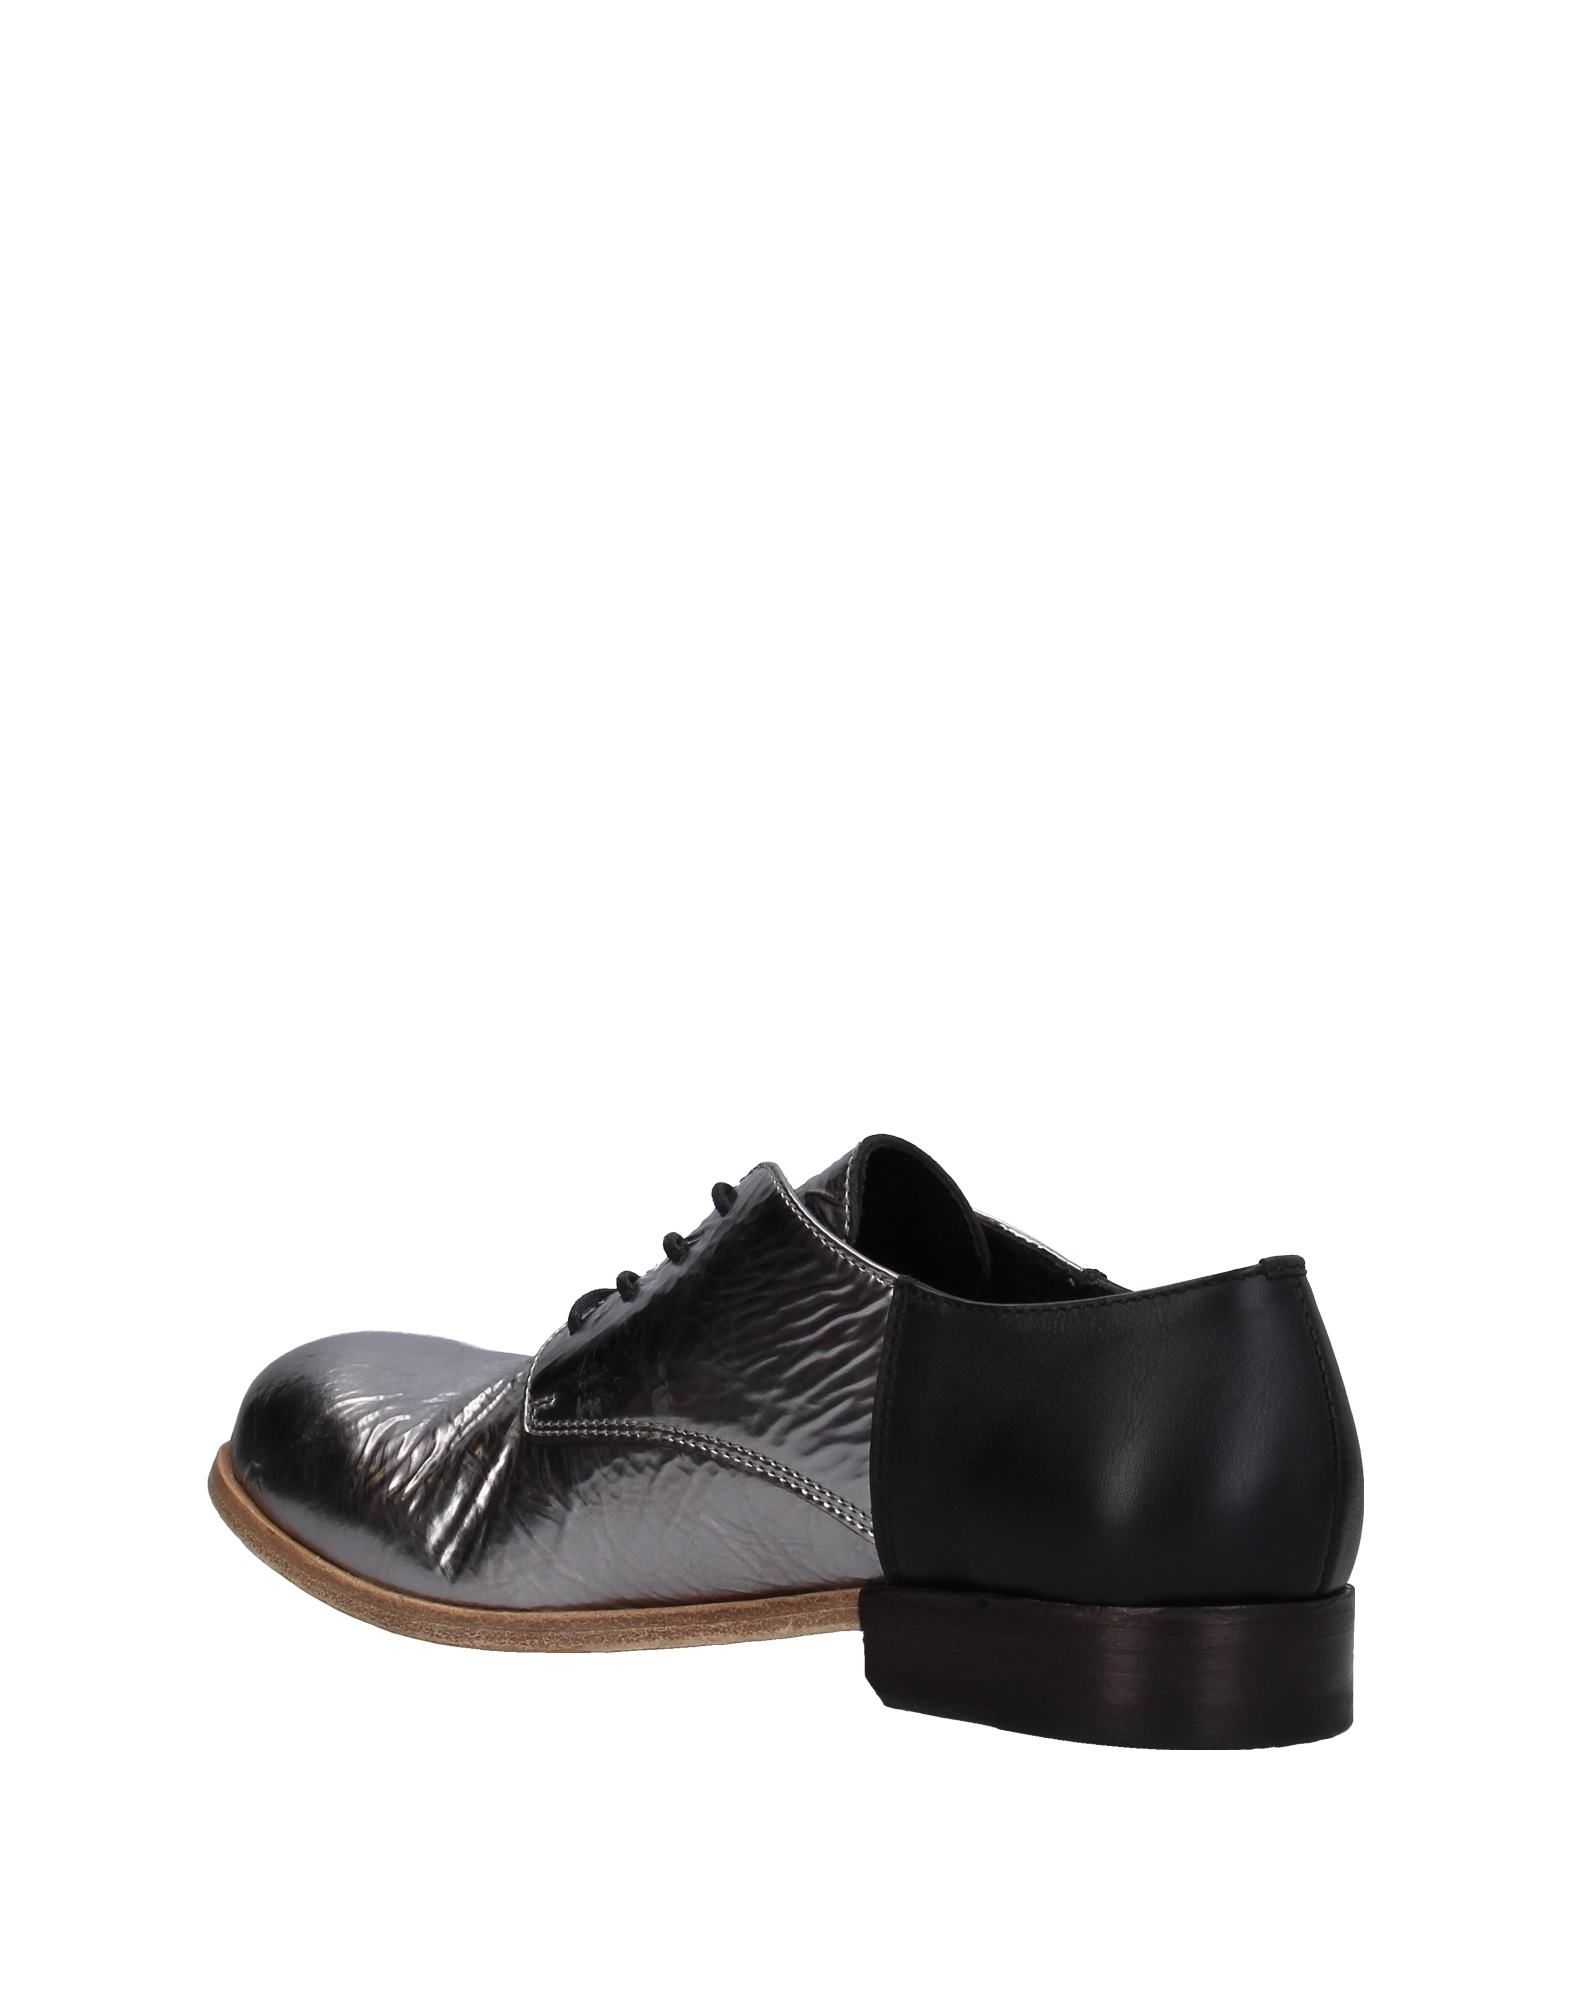 ... Chaussures À Lacets Rubber Soul Femme - Chaussures À Lacets Rubber Soul  sur ...